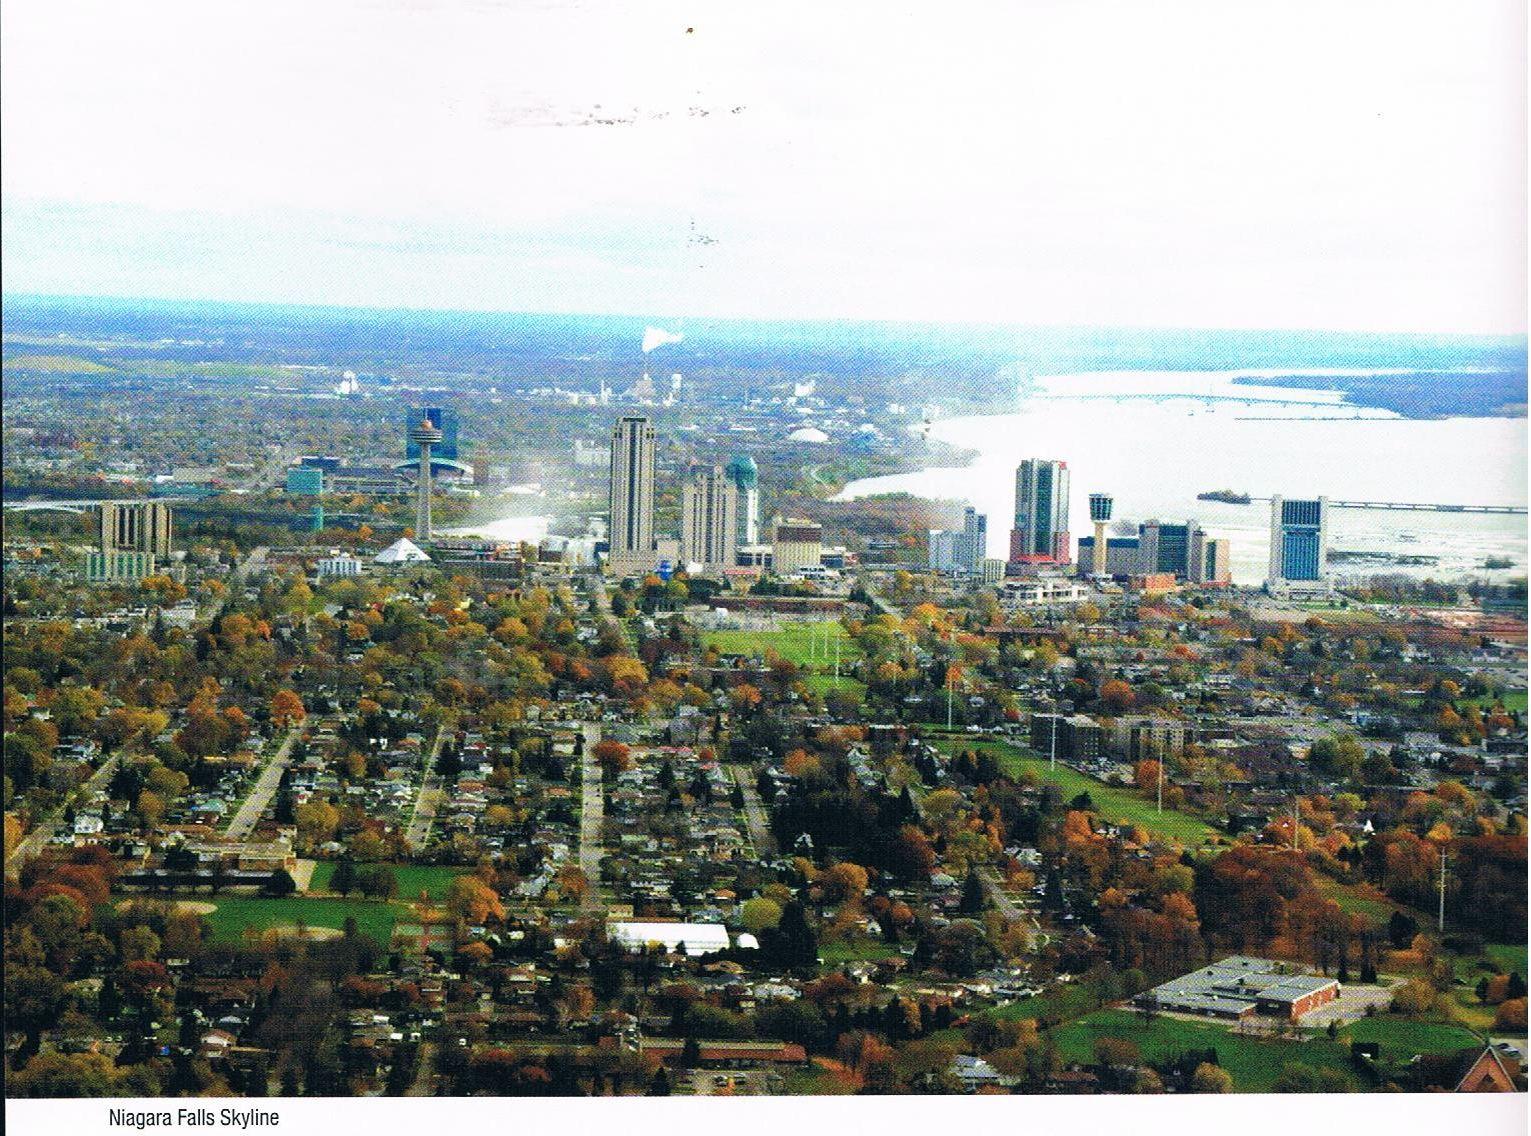 City of Niagara Falls